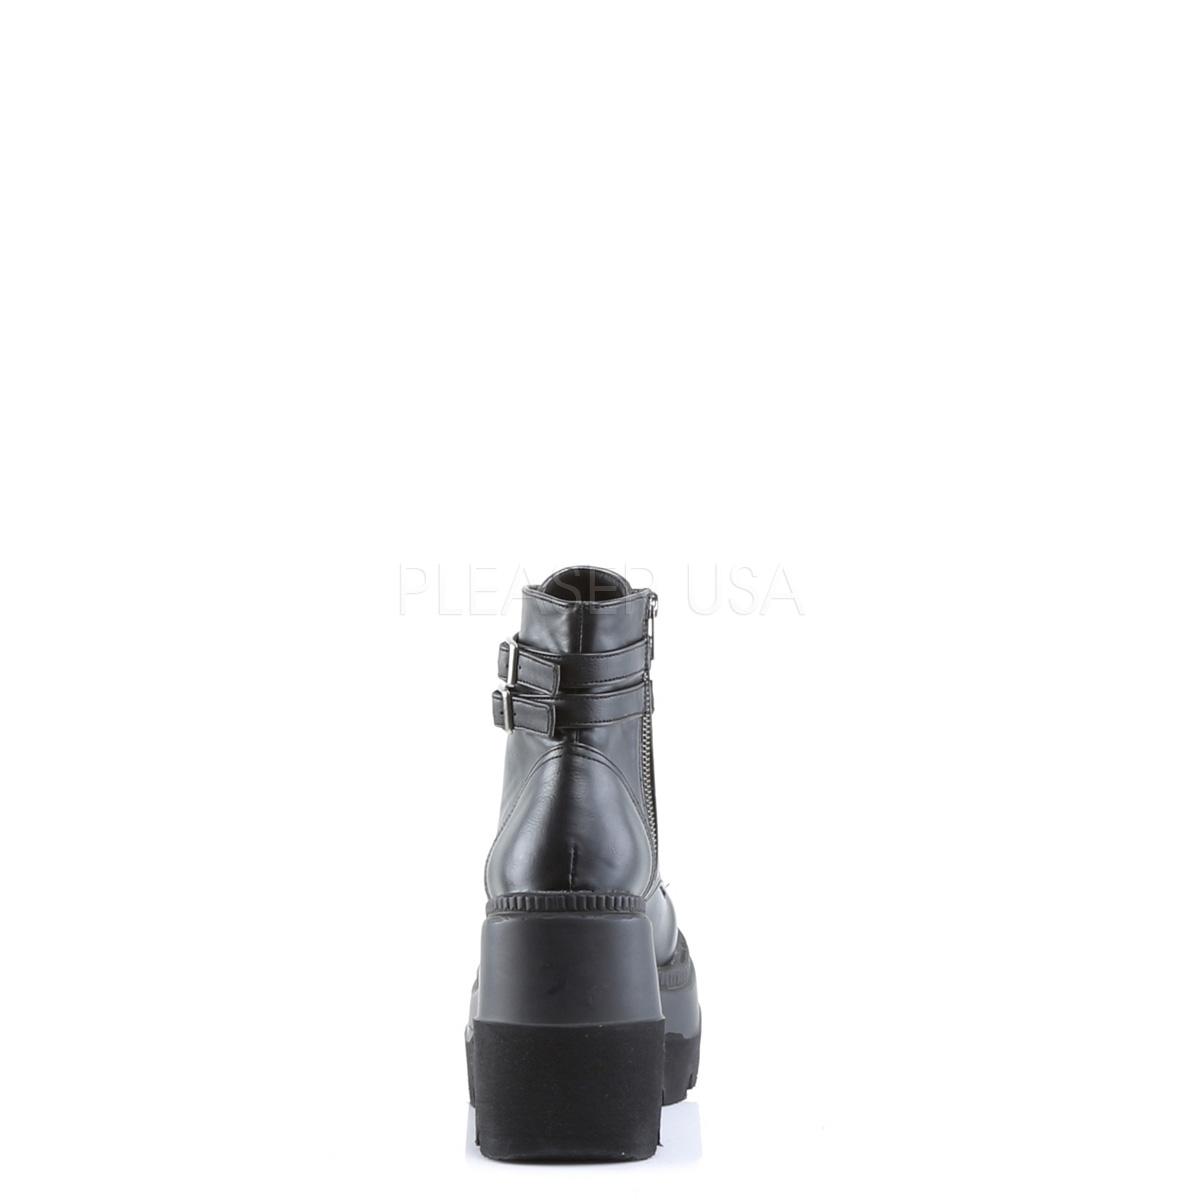 厚底スニーカー 厚底ショートブーツ DEMONIA by Pleaser デモニア プリーザー レディース ウェッジソール 厚底靴 大きいサイズ SHAKER-52 SHA52/BVL